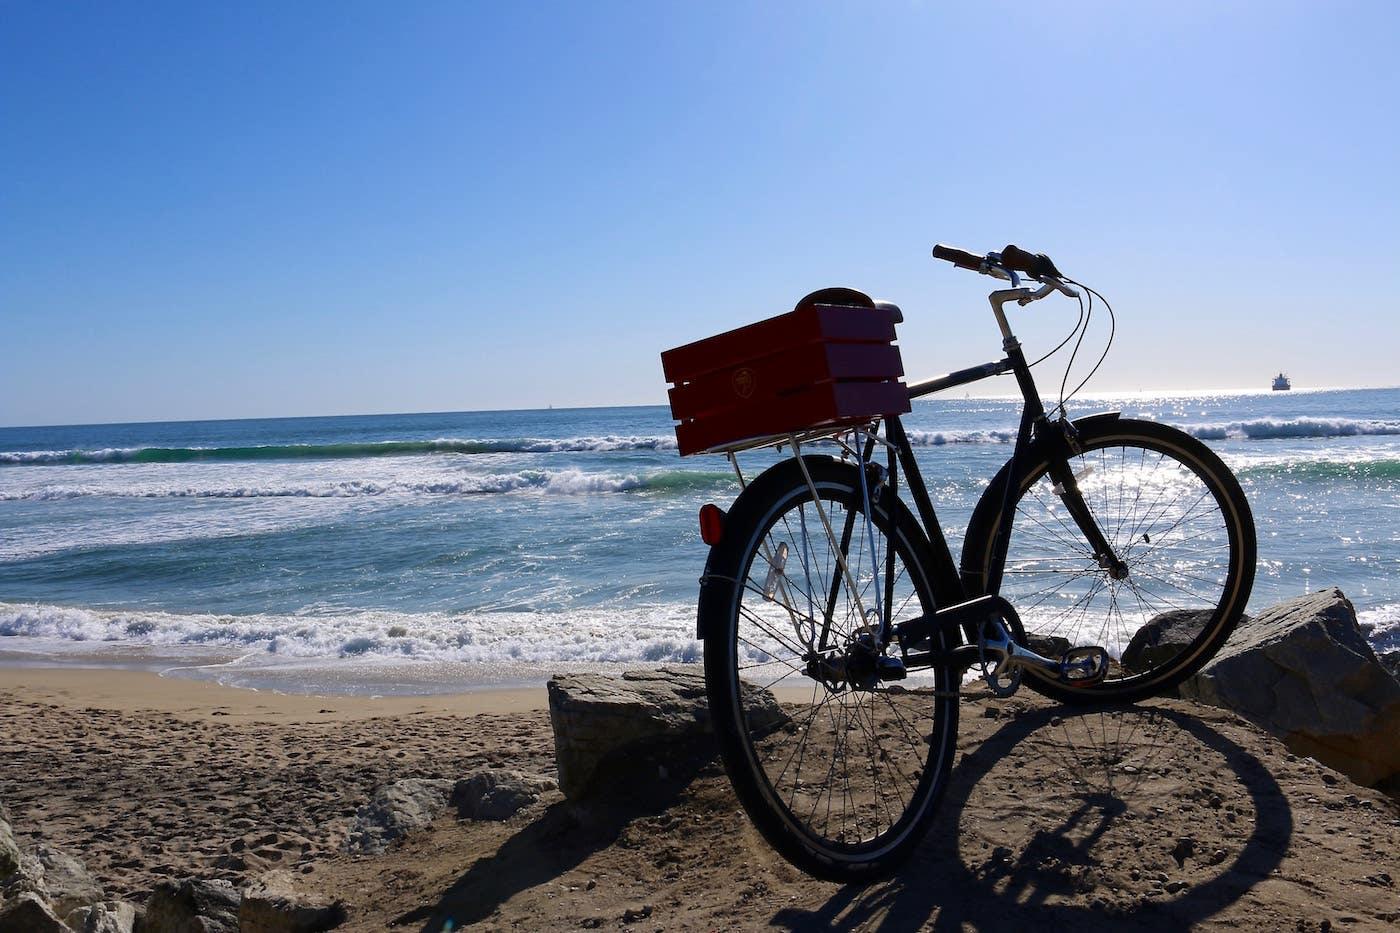 El Porto Beach bike